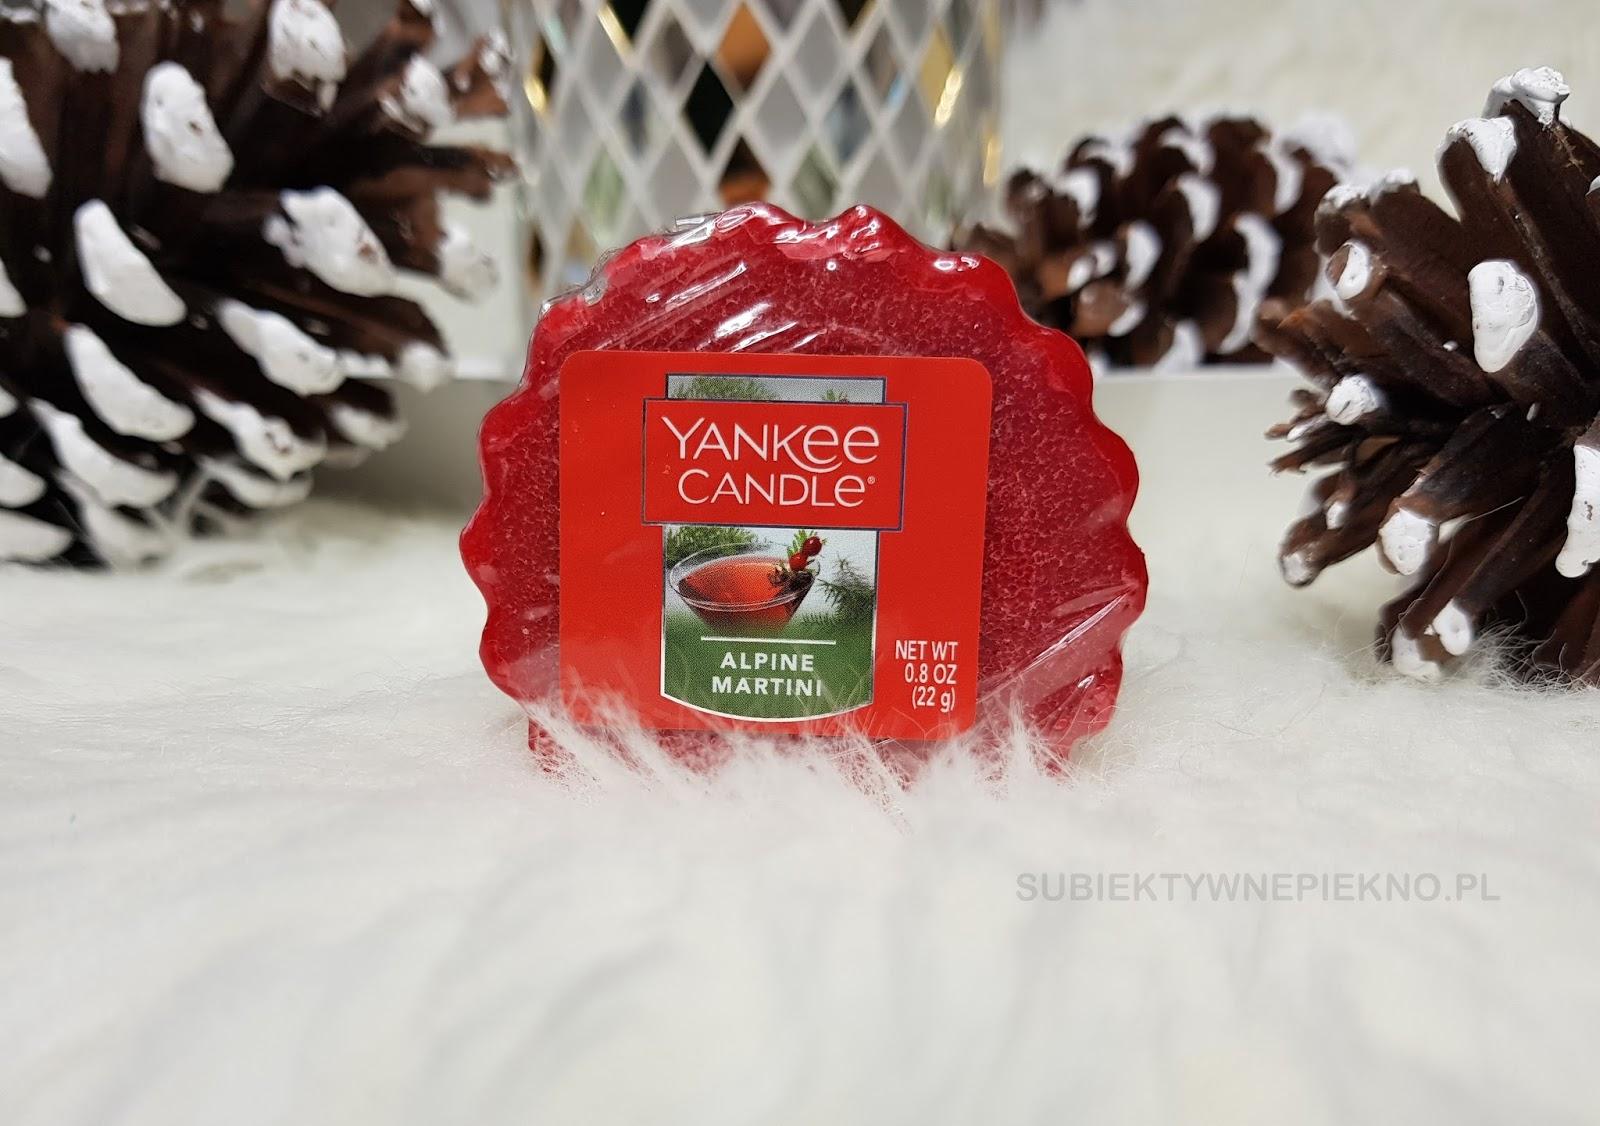 Alpine Martini Yankee Candle. Zapach niedostępny w Polsce. Blog, opinie.